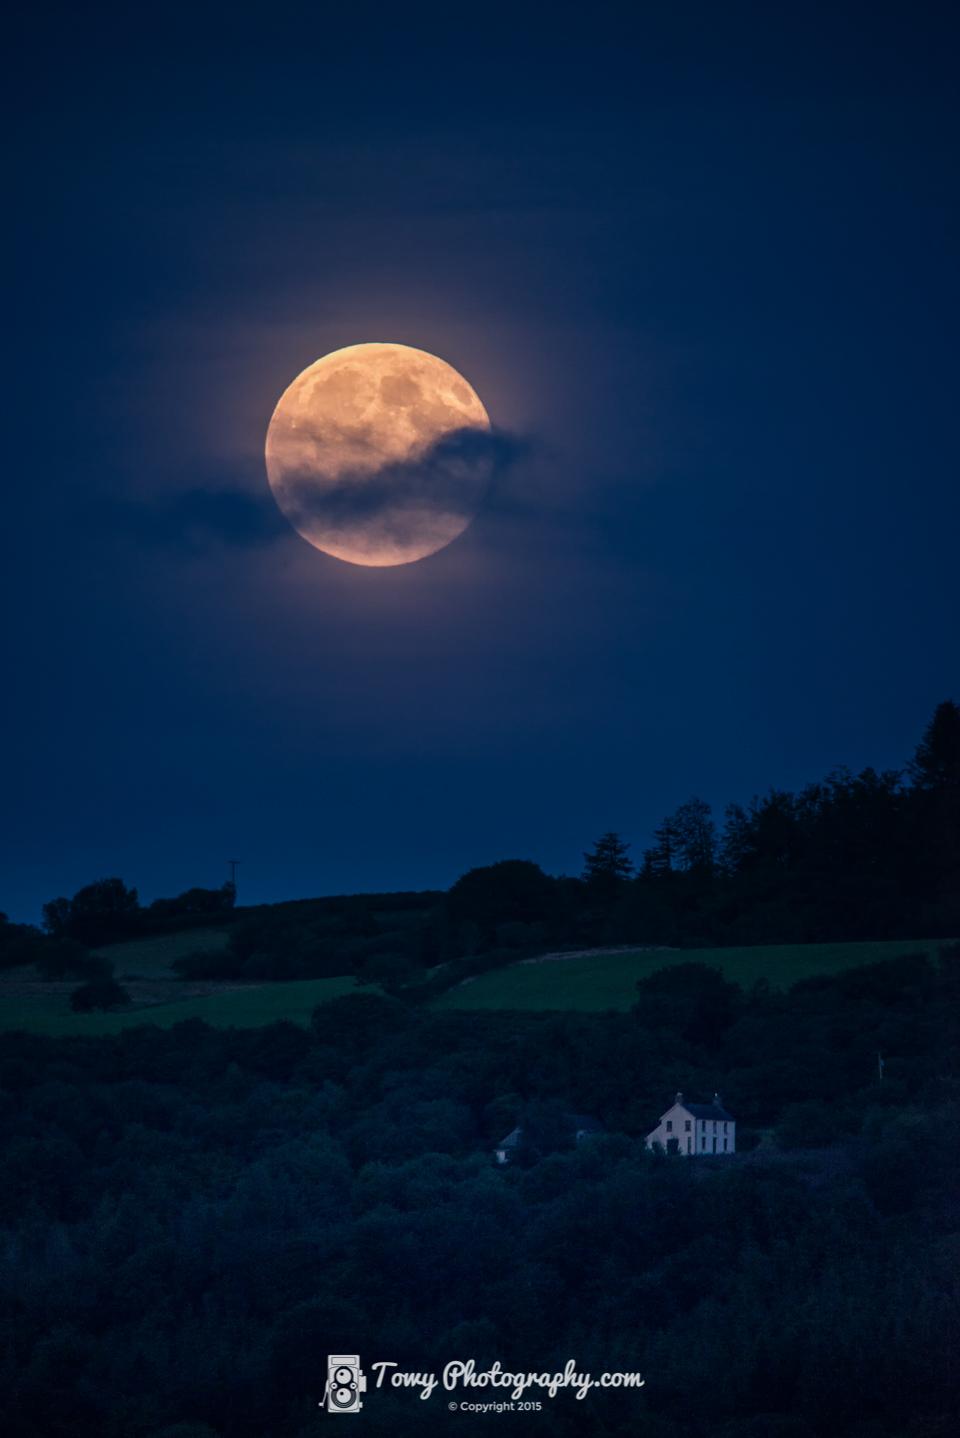 20150731_Landscape_Moon-2.jpg